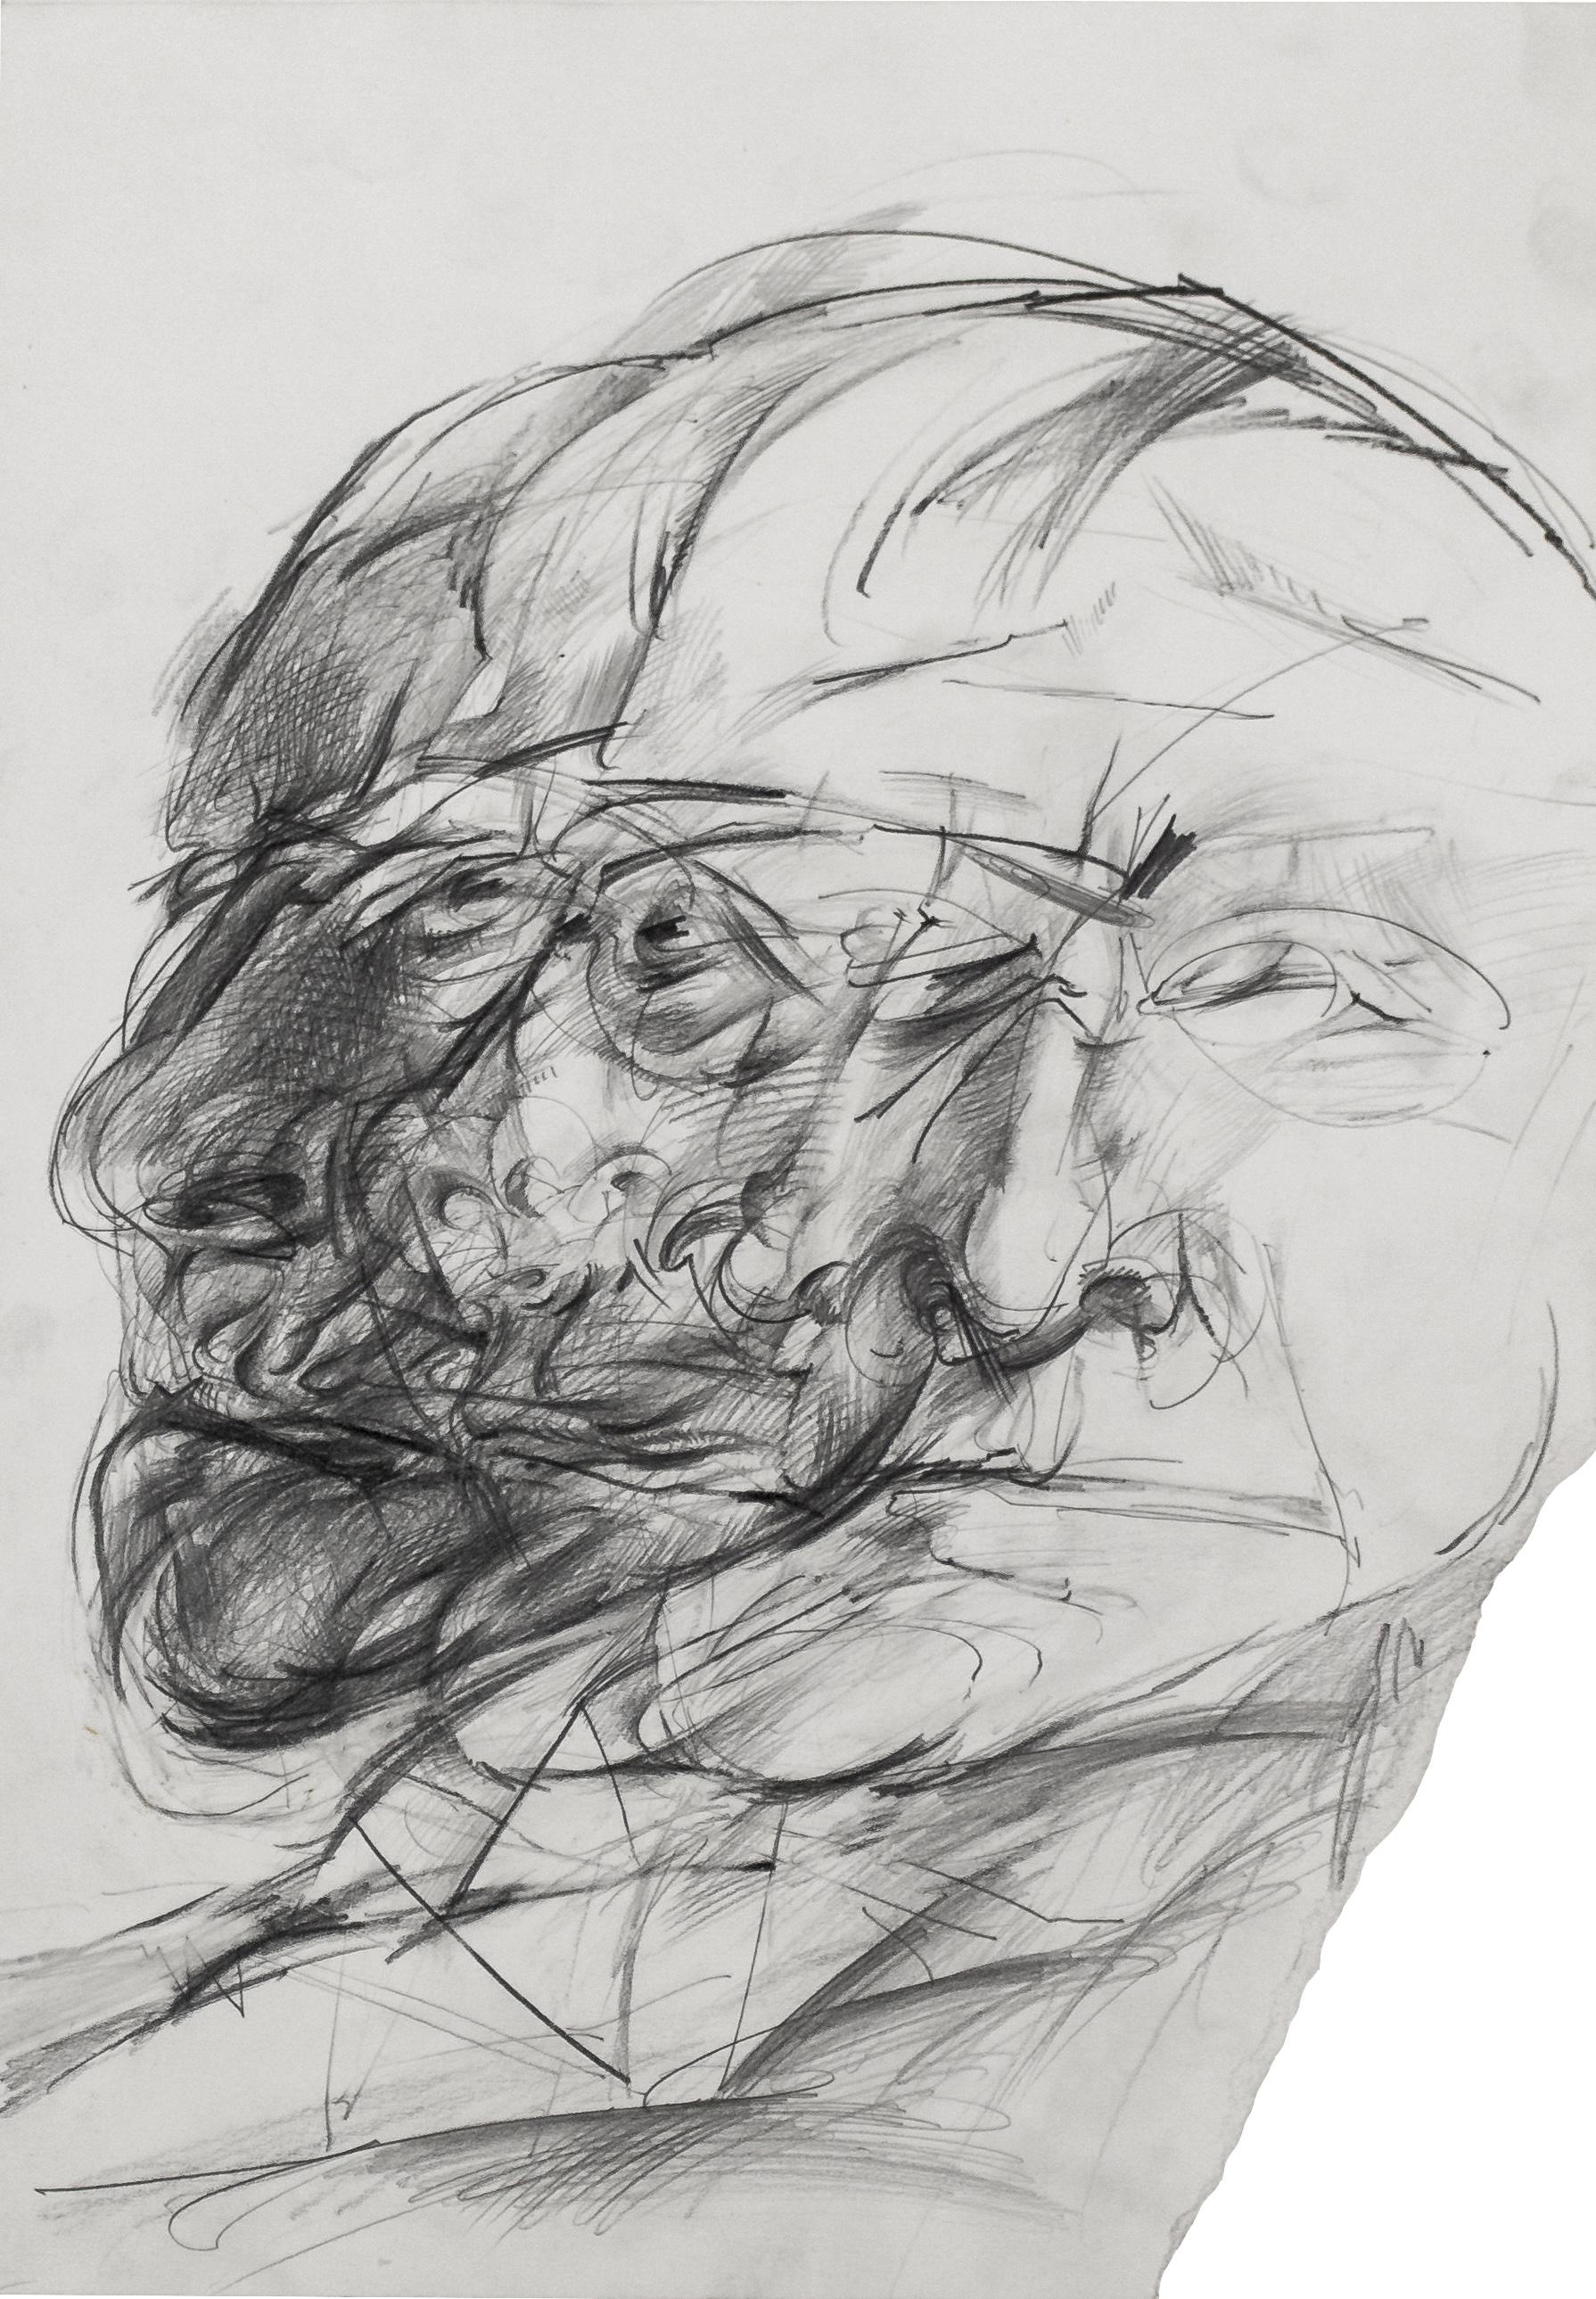 Christian Rickert | Studie für ein Portrait Max Beckmann 4.III-9.V.1983 - 59,4 x 42 cm - Bleistift auf Papier web